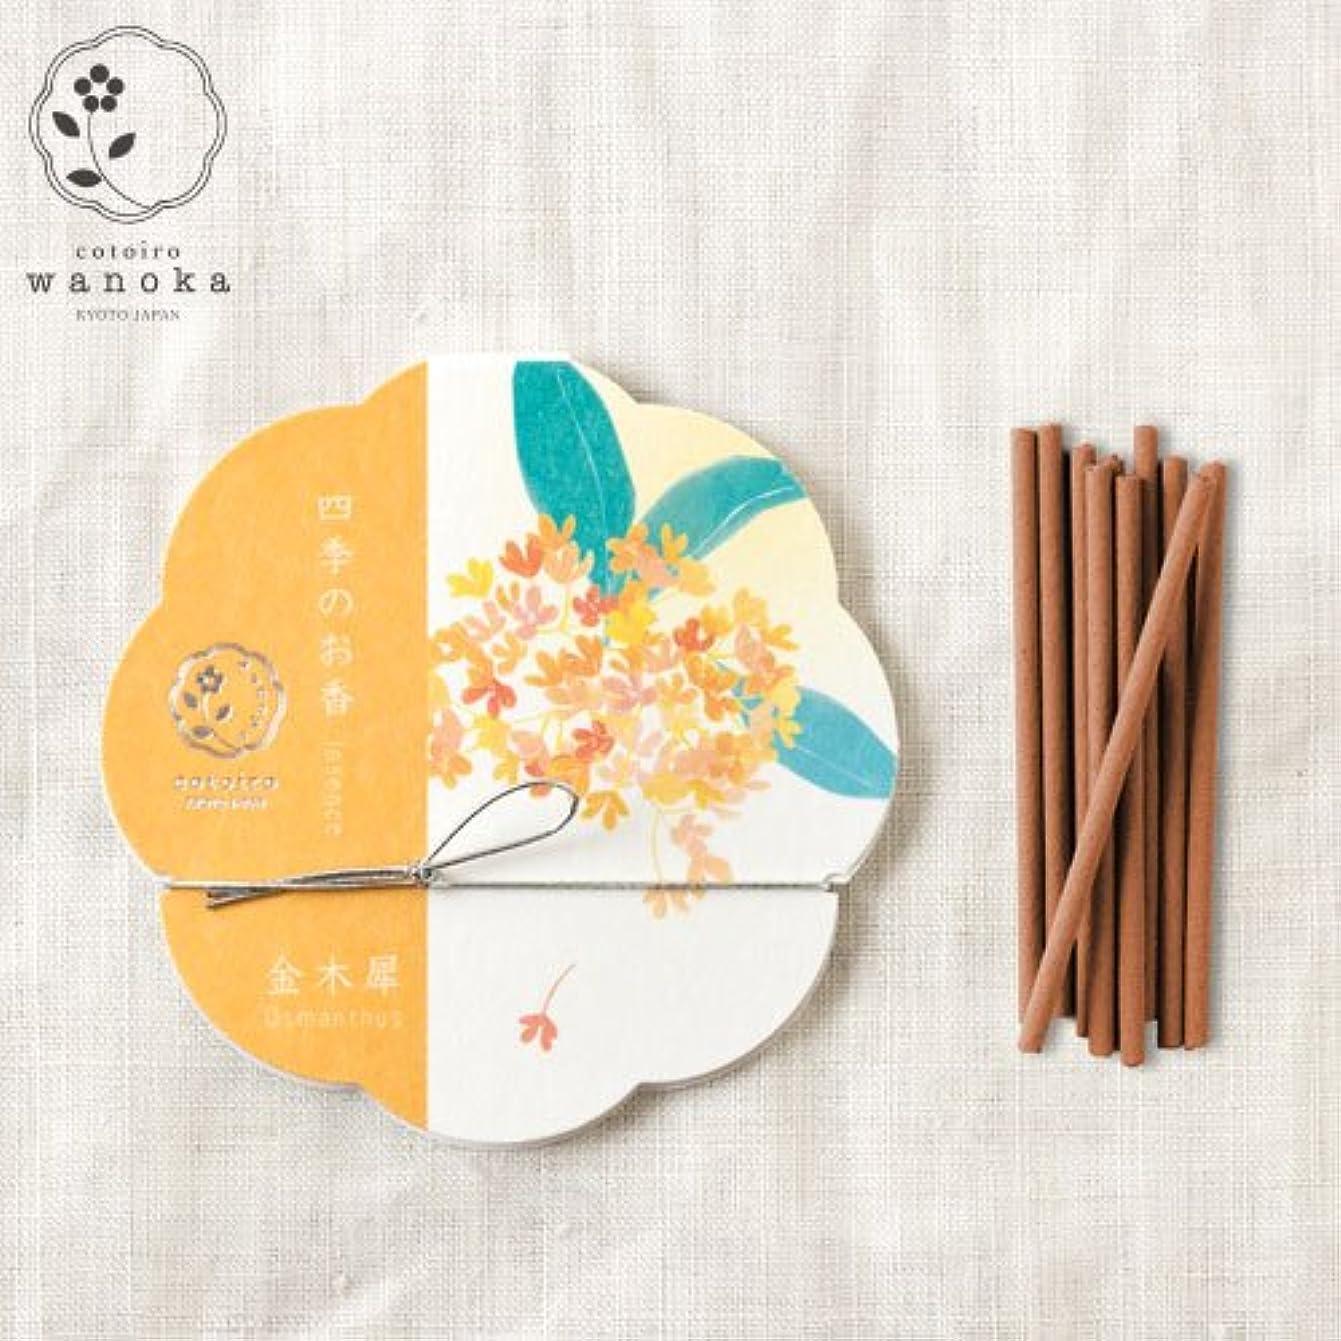 そこ軽く価格wanoka四季のお香(インセンス)金木犀《金木犀をイメージした果実のような甘い香り》ART LABIncense stick